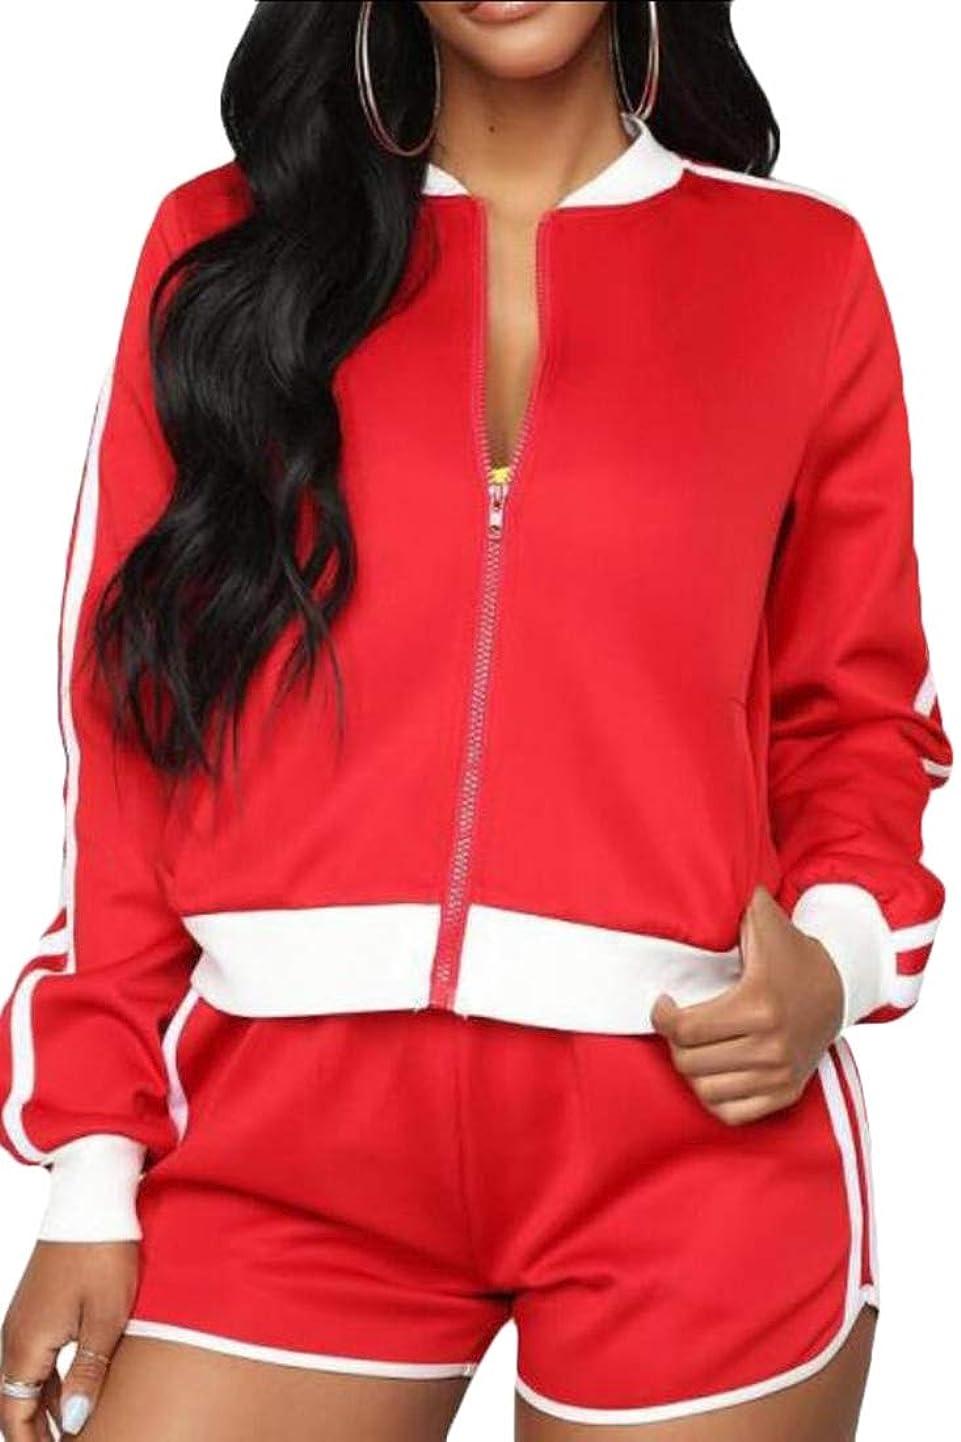 ささやき石油正気女性のセクシーな2つの部分服装長袖ジップアップジャケット